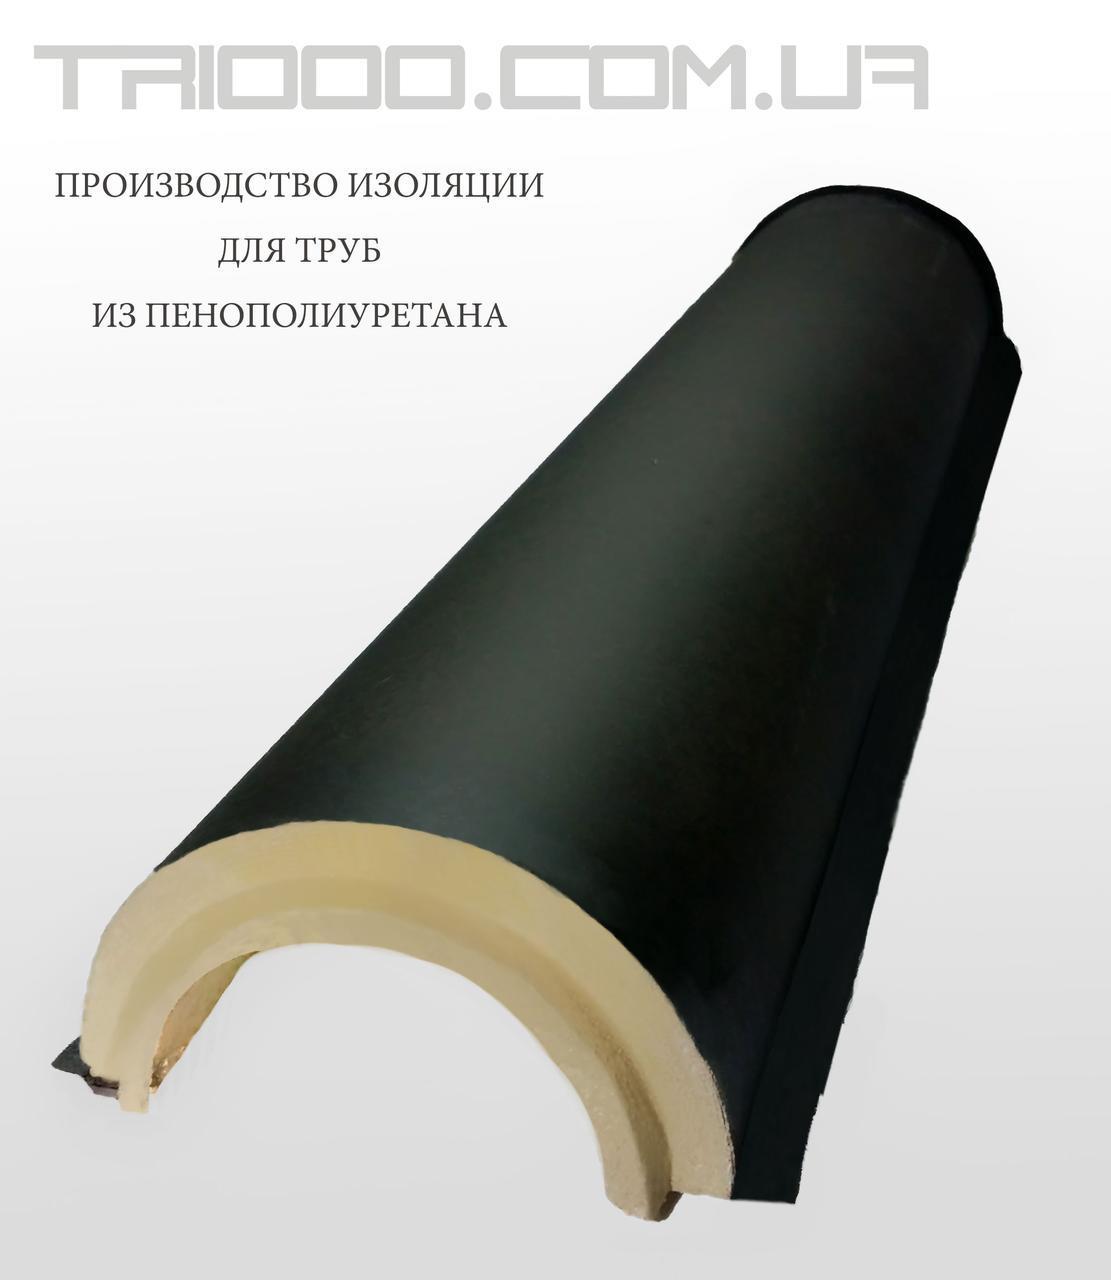 Сегменты теплоизоляционные для труб Ø 89/40 мм в покрытии из пергамина